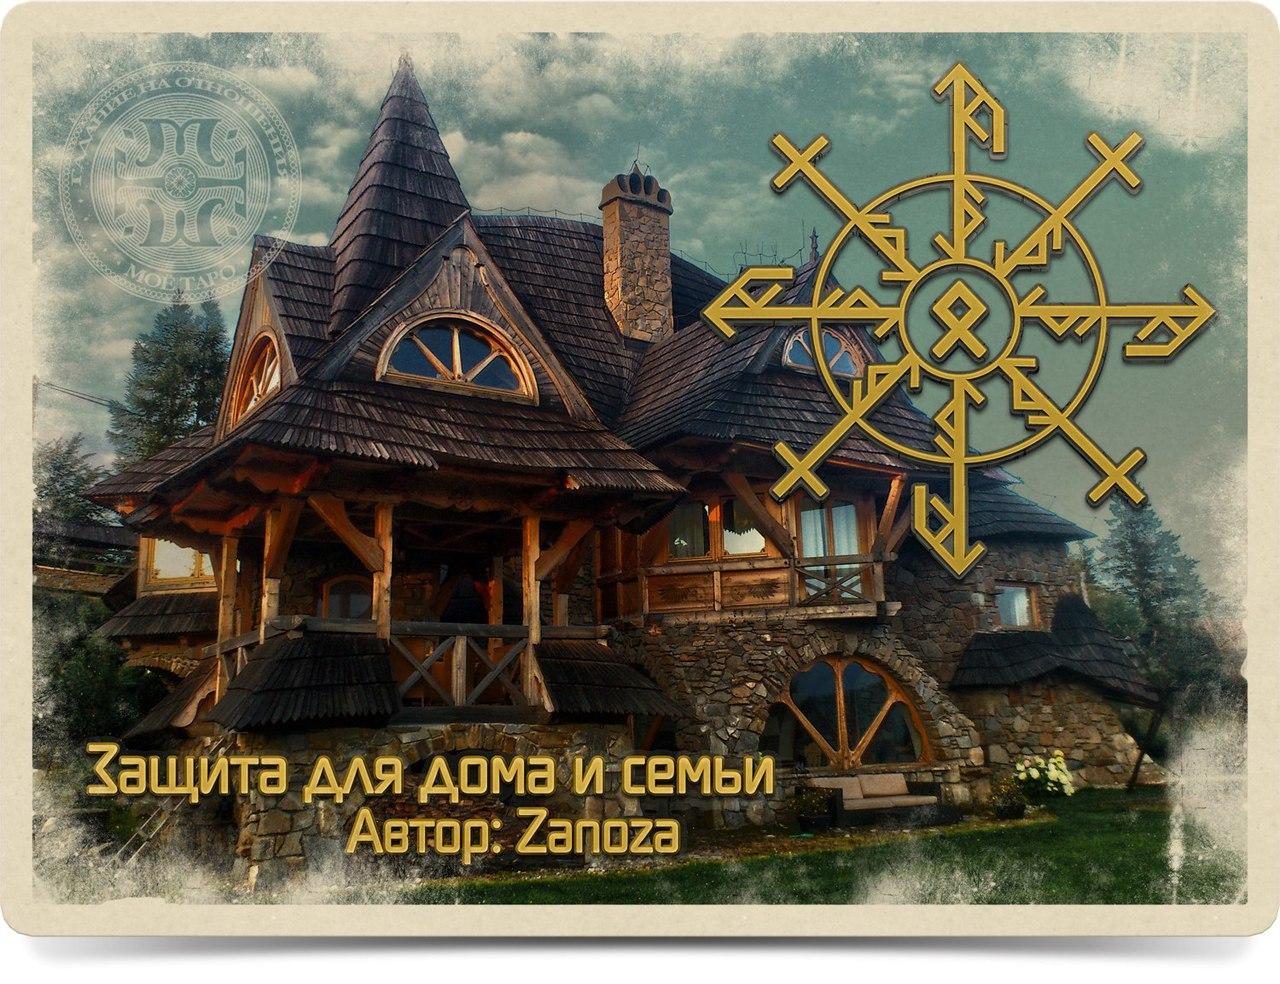 Защита дома и семьи (авт. Zanoza) LNviFh3dPMg